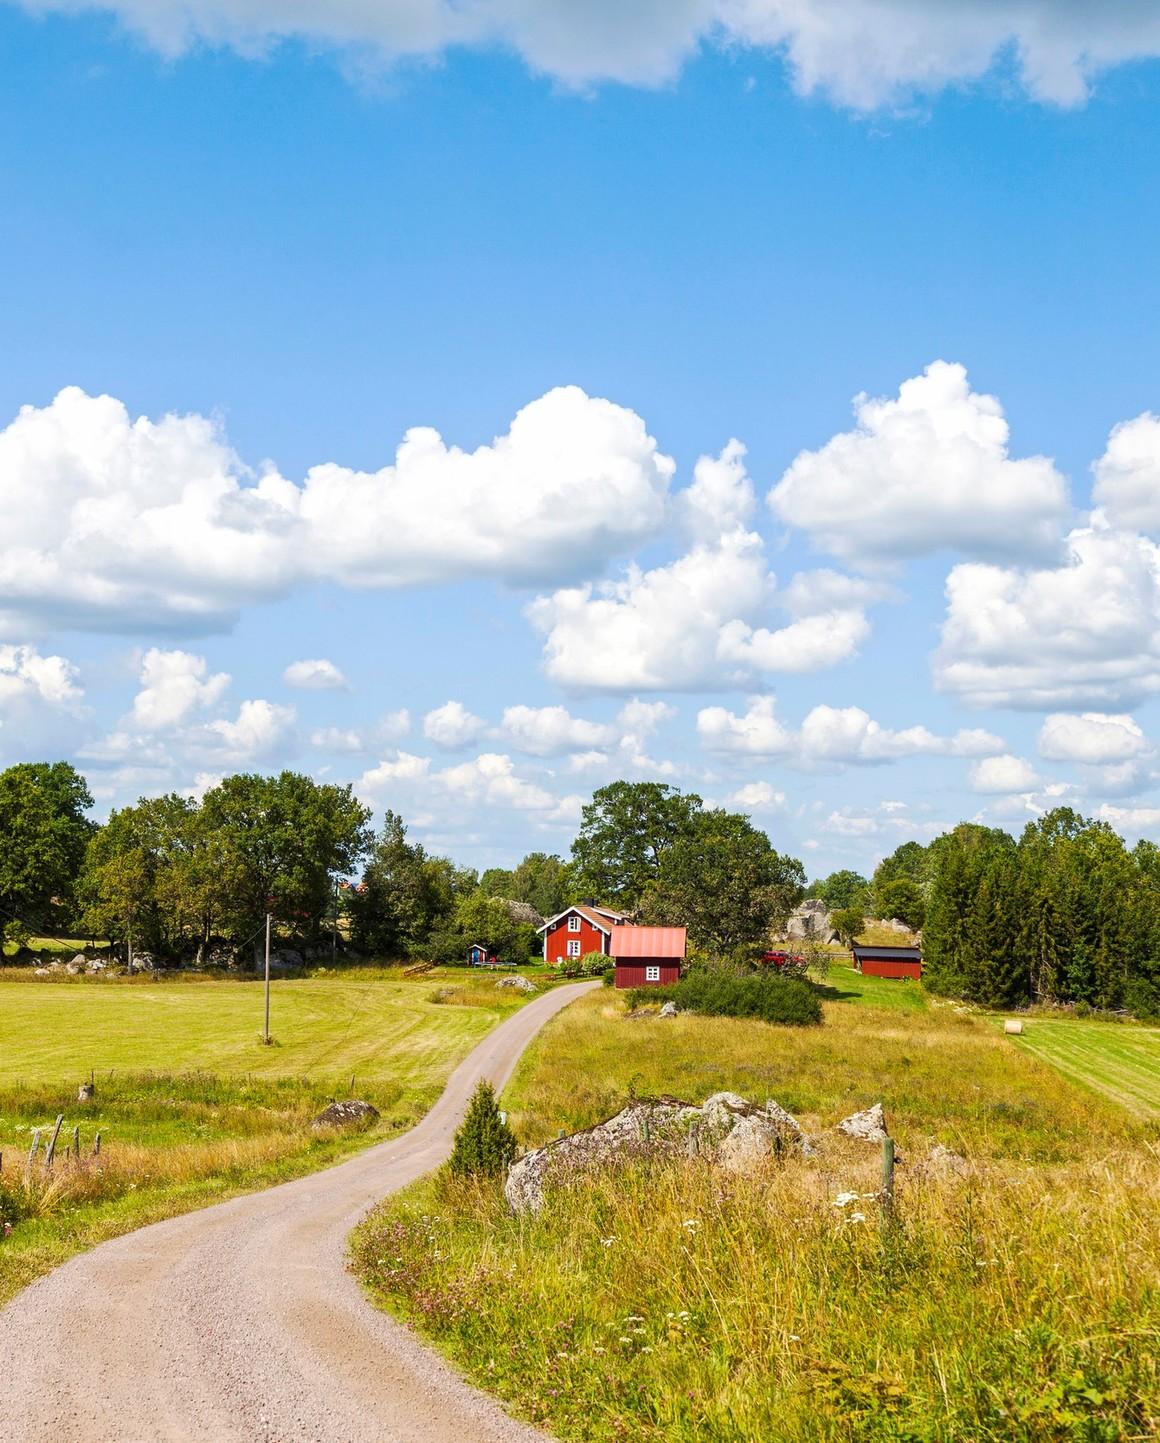 Röd gård på landet, sommar